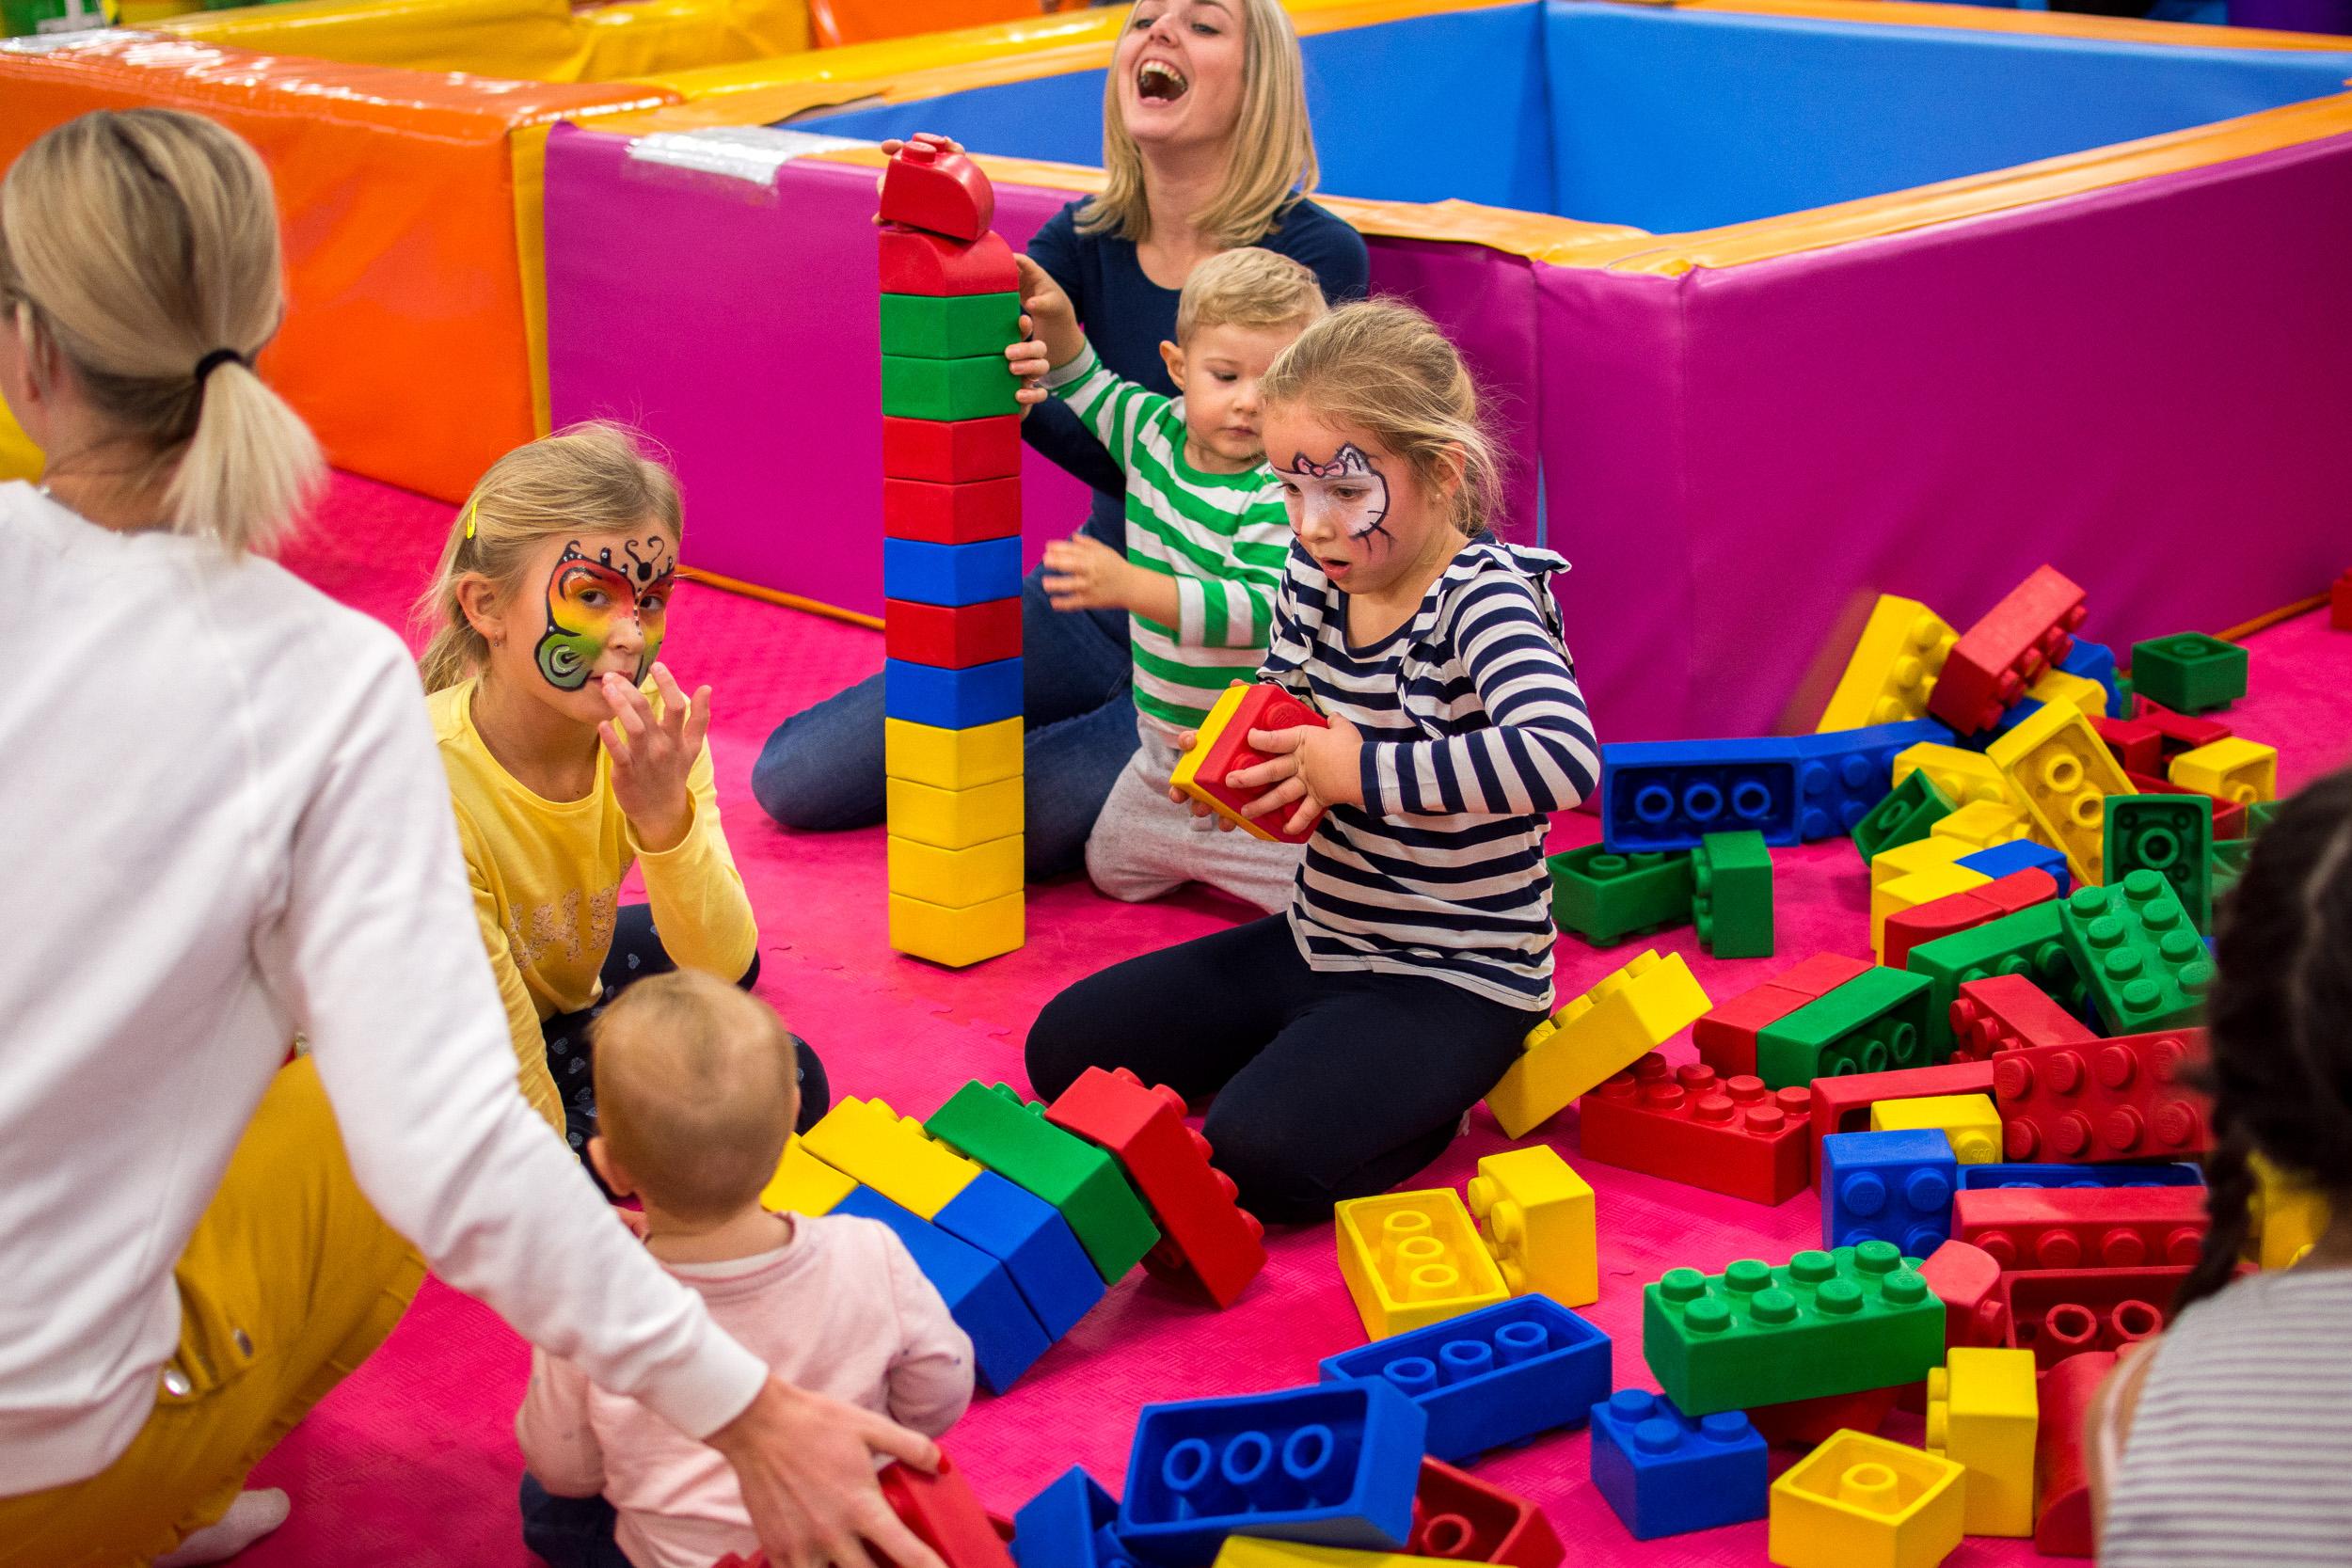 Maxi Lego Postavte si hrad, dom, zvieratko, alebo obrovskú vežu zmaxi lega – zmäkkého plastu, na ktorom si nikto neublíži.